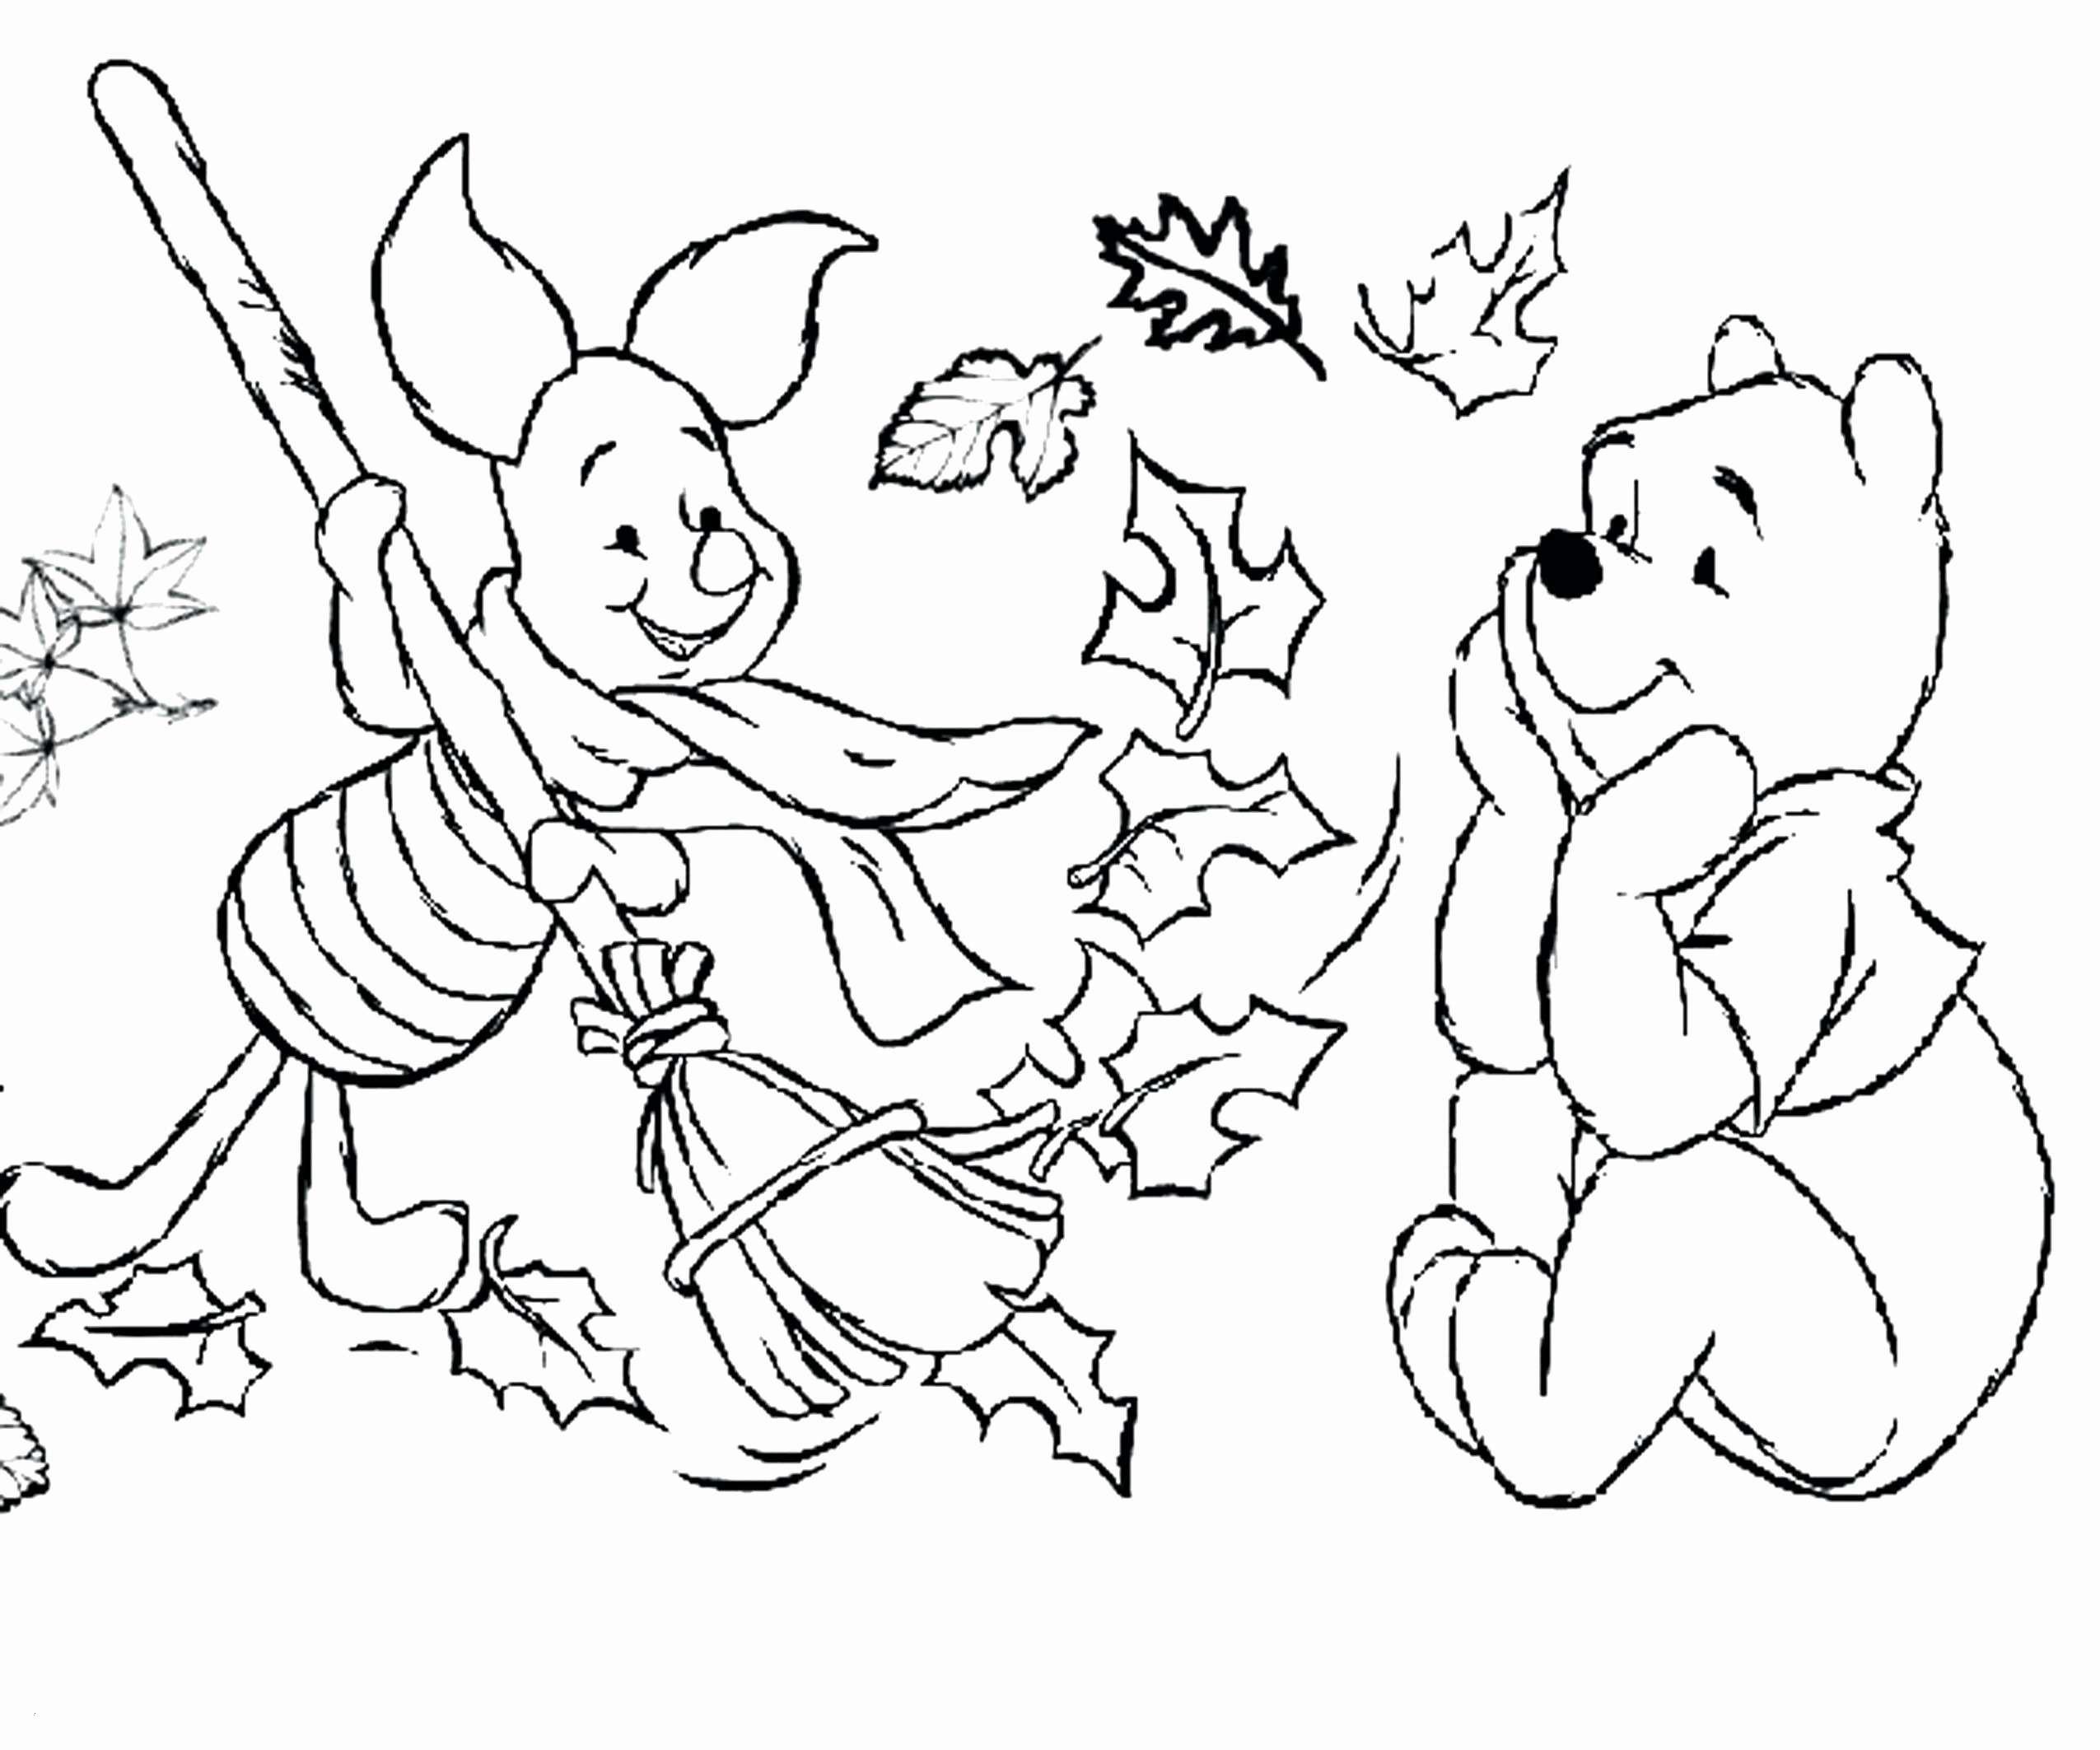 Ausmalbilder Winnie Pooh Genial 45 Frisch Ausmalbilder Winnie Puuh Mickeycarrollmunchkin Bild